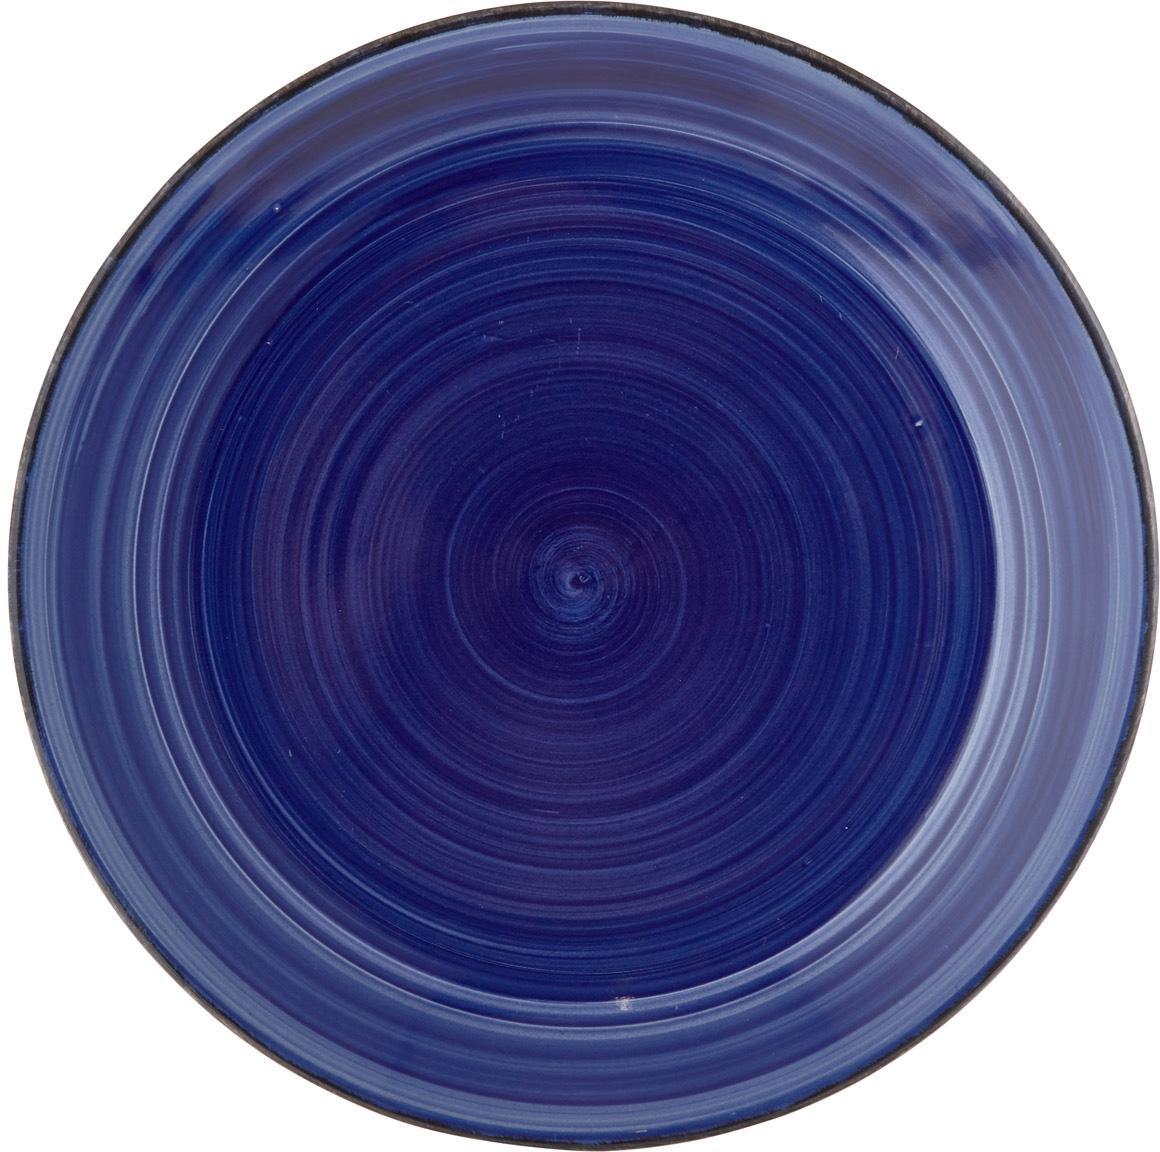 Piatto piano Baita 6 pz, Terracotta (Hard Dolomite), dipinto a mano, Blu, Ø 27 cm